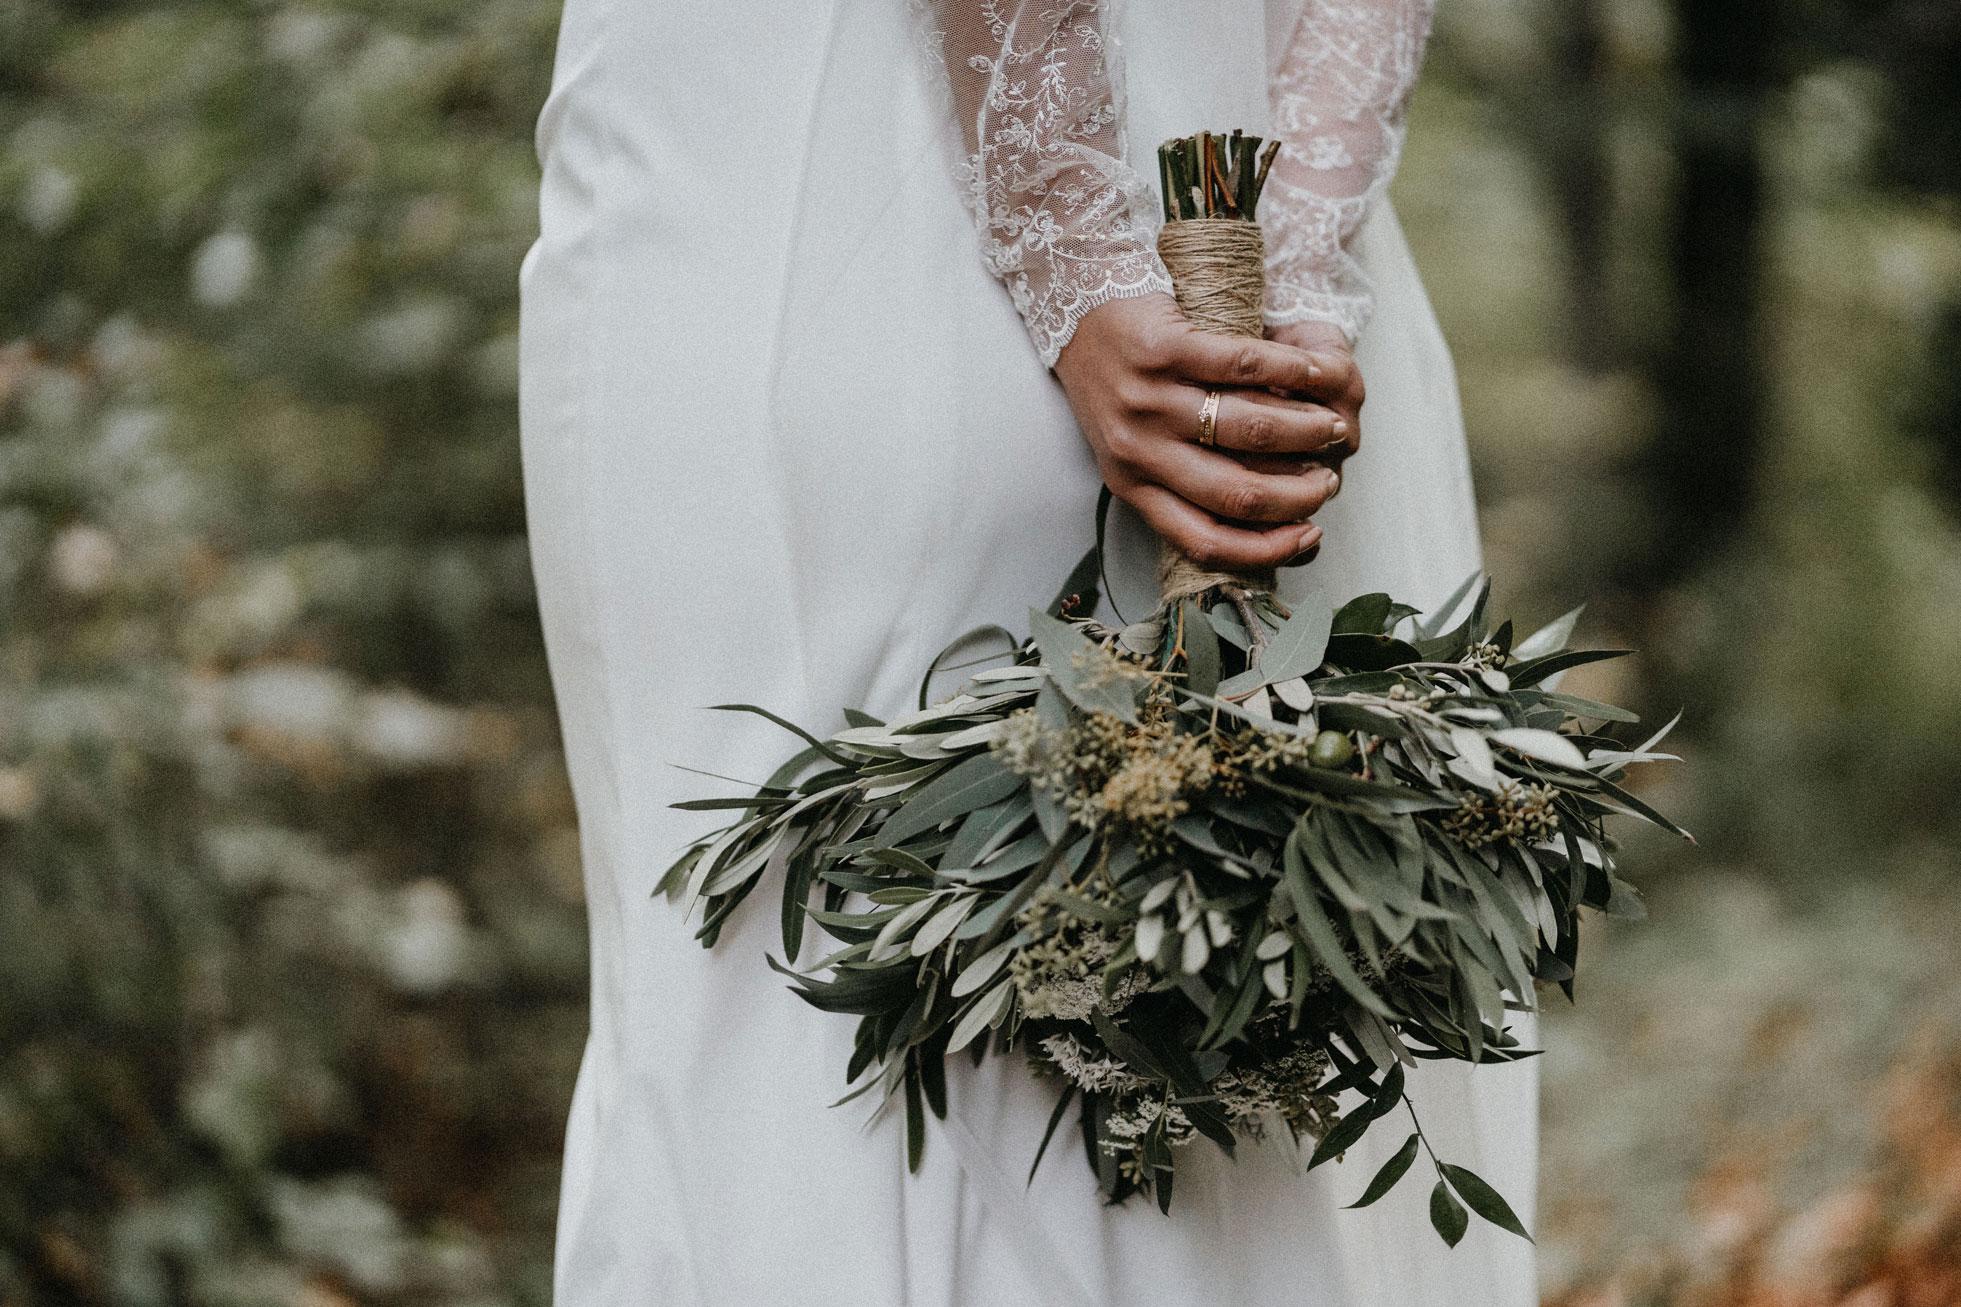 Hochzeit_Claire_Manuel_Villa_Maund_Daniel_Jenny-379.jpg